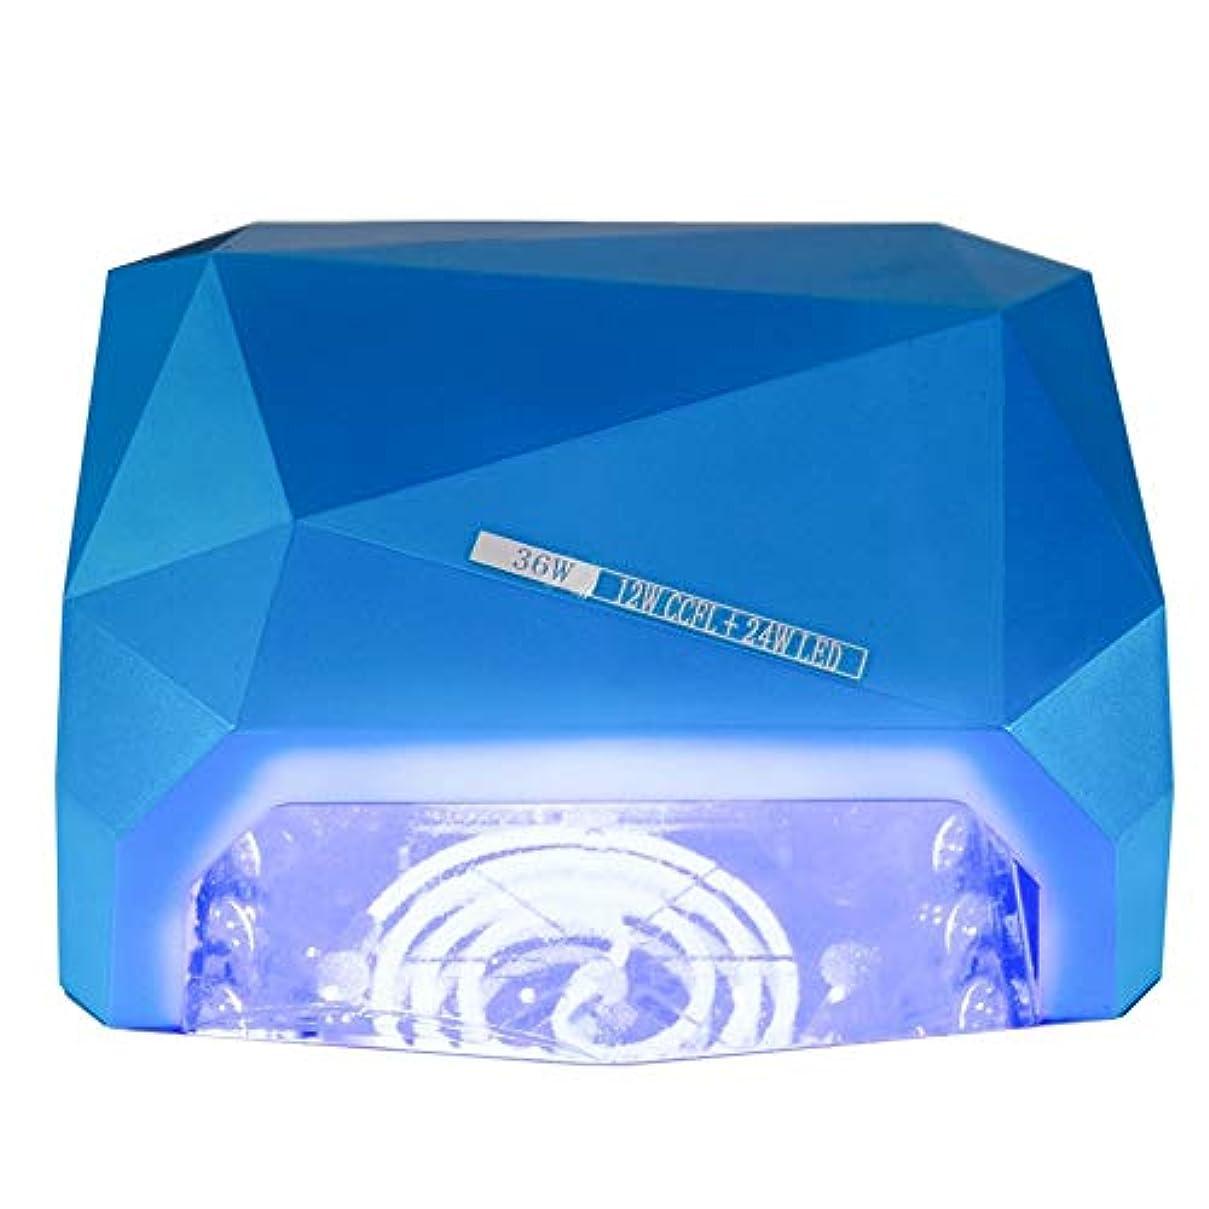 決めます真実改修するUVネイルランプ、36Wダイヤモンド光線療法ライトUV LEDネイルロースターネイル光線療法機全自動LEDネイルドライヤーランプ